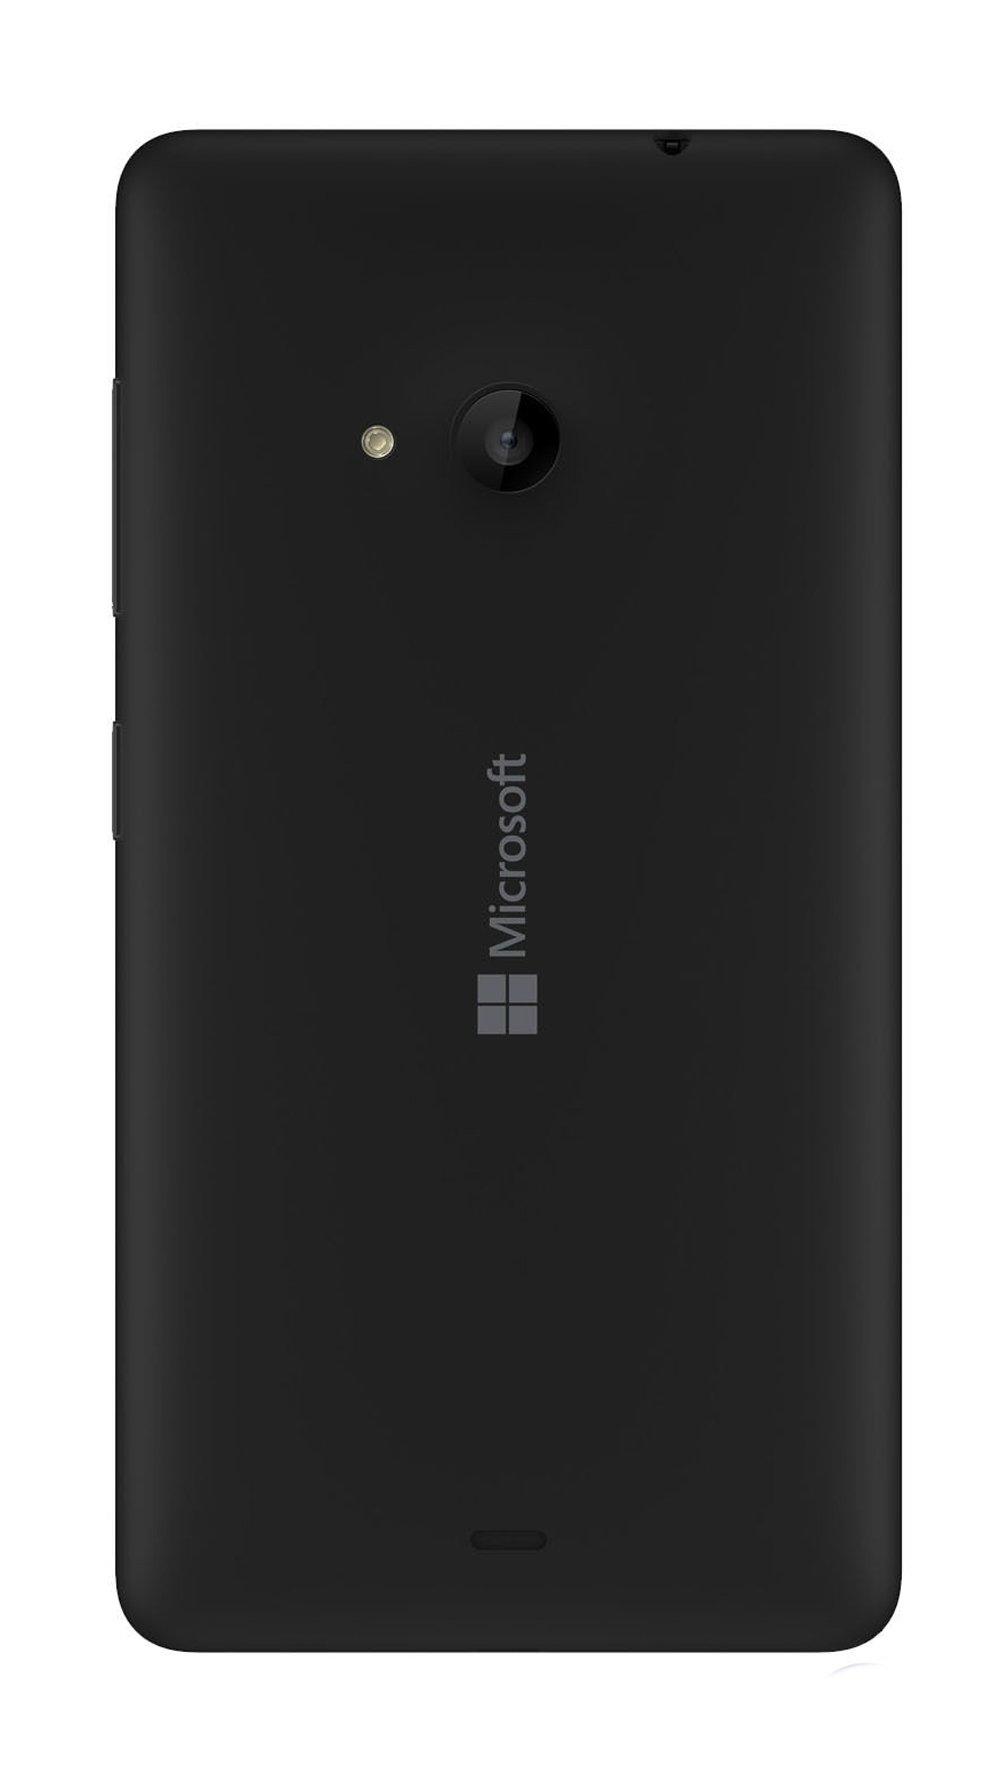 Nokia Lumia 535 Back Cover: Amazon.com